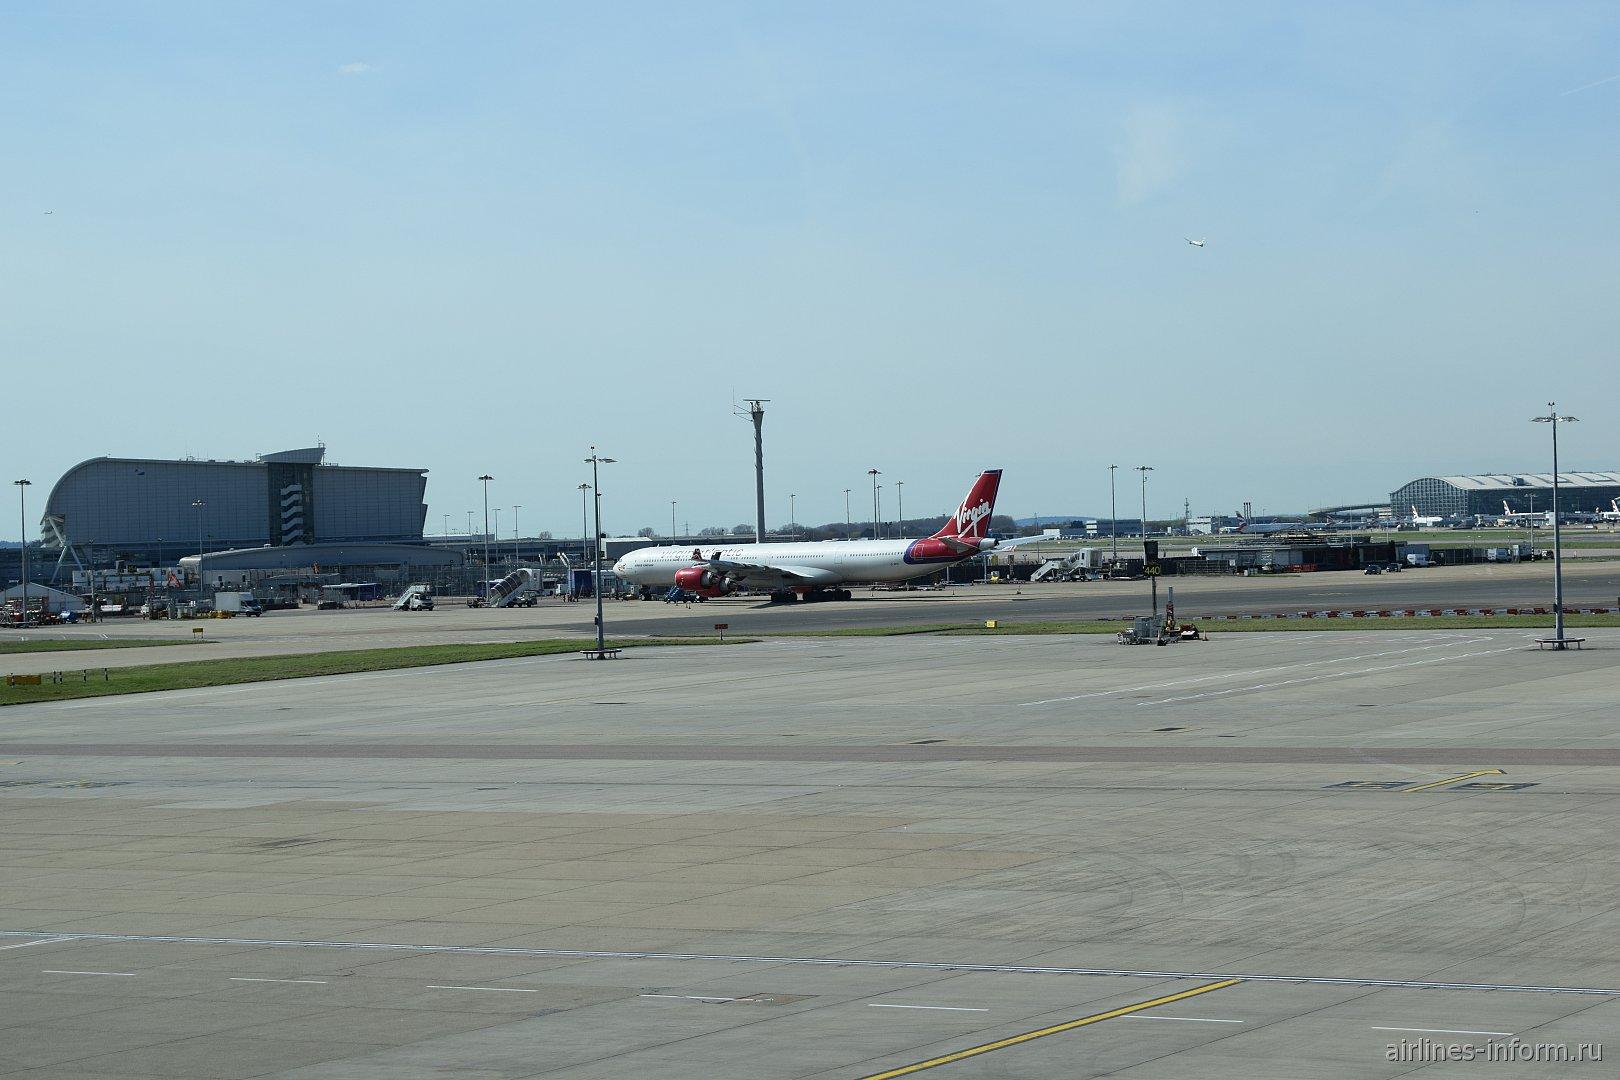 Летное поле аэропорта Лондон Хитроу - вид из терминала 4